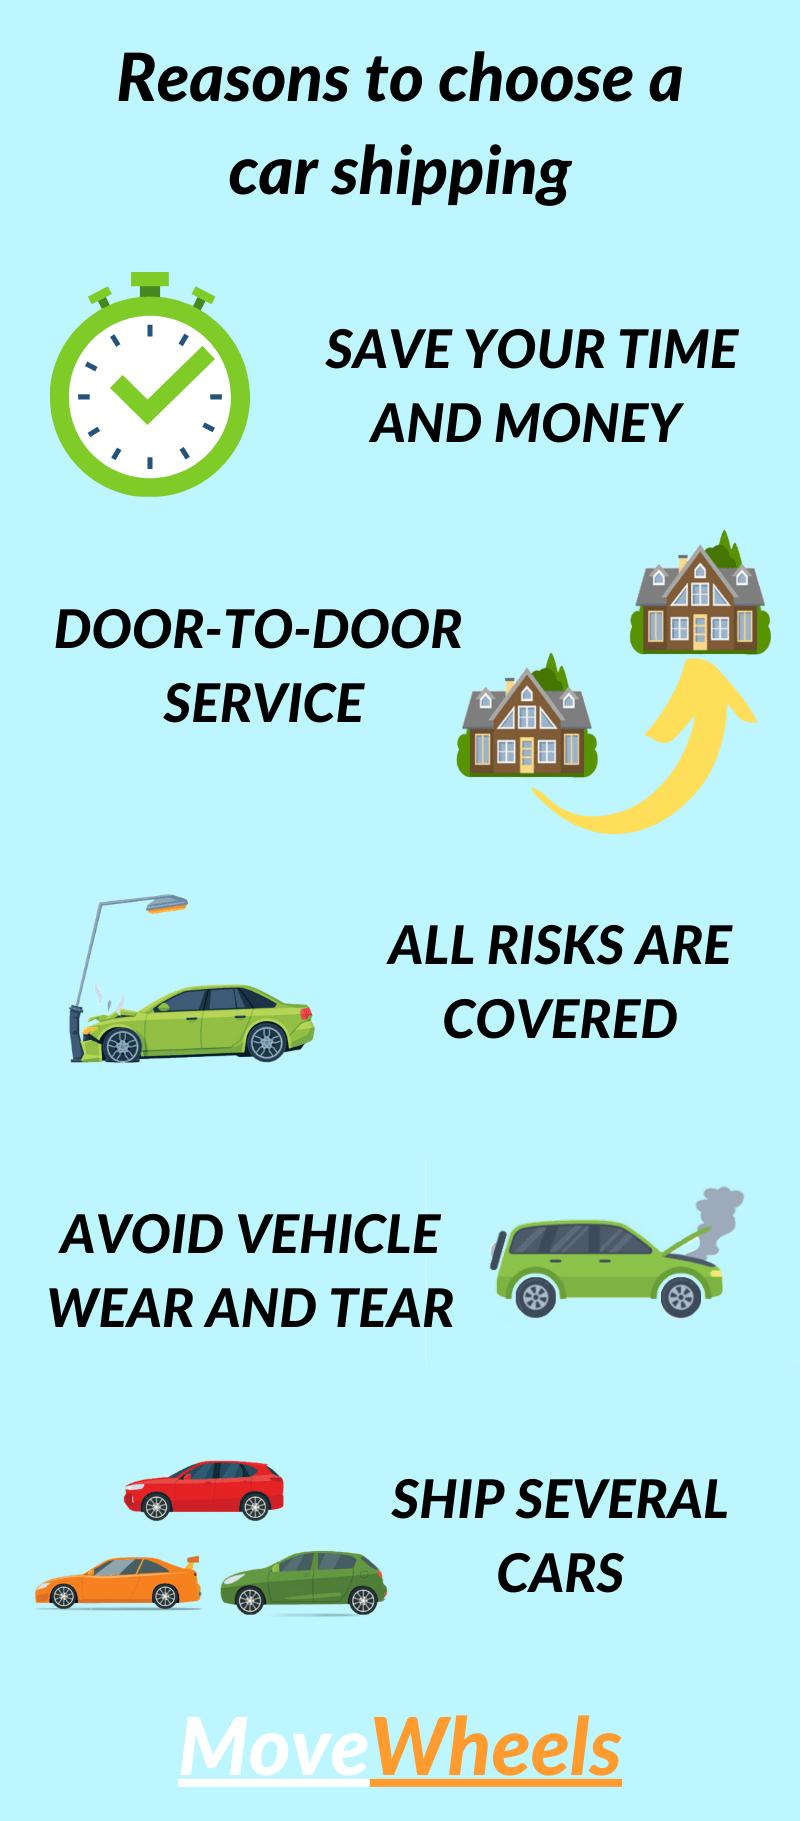 Reasons to choose car shipping